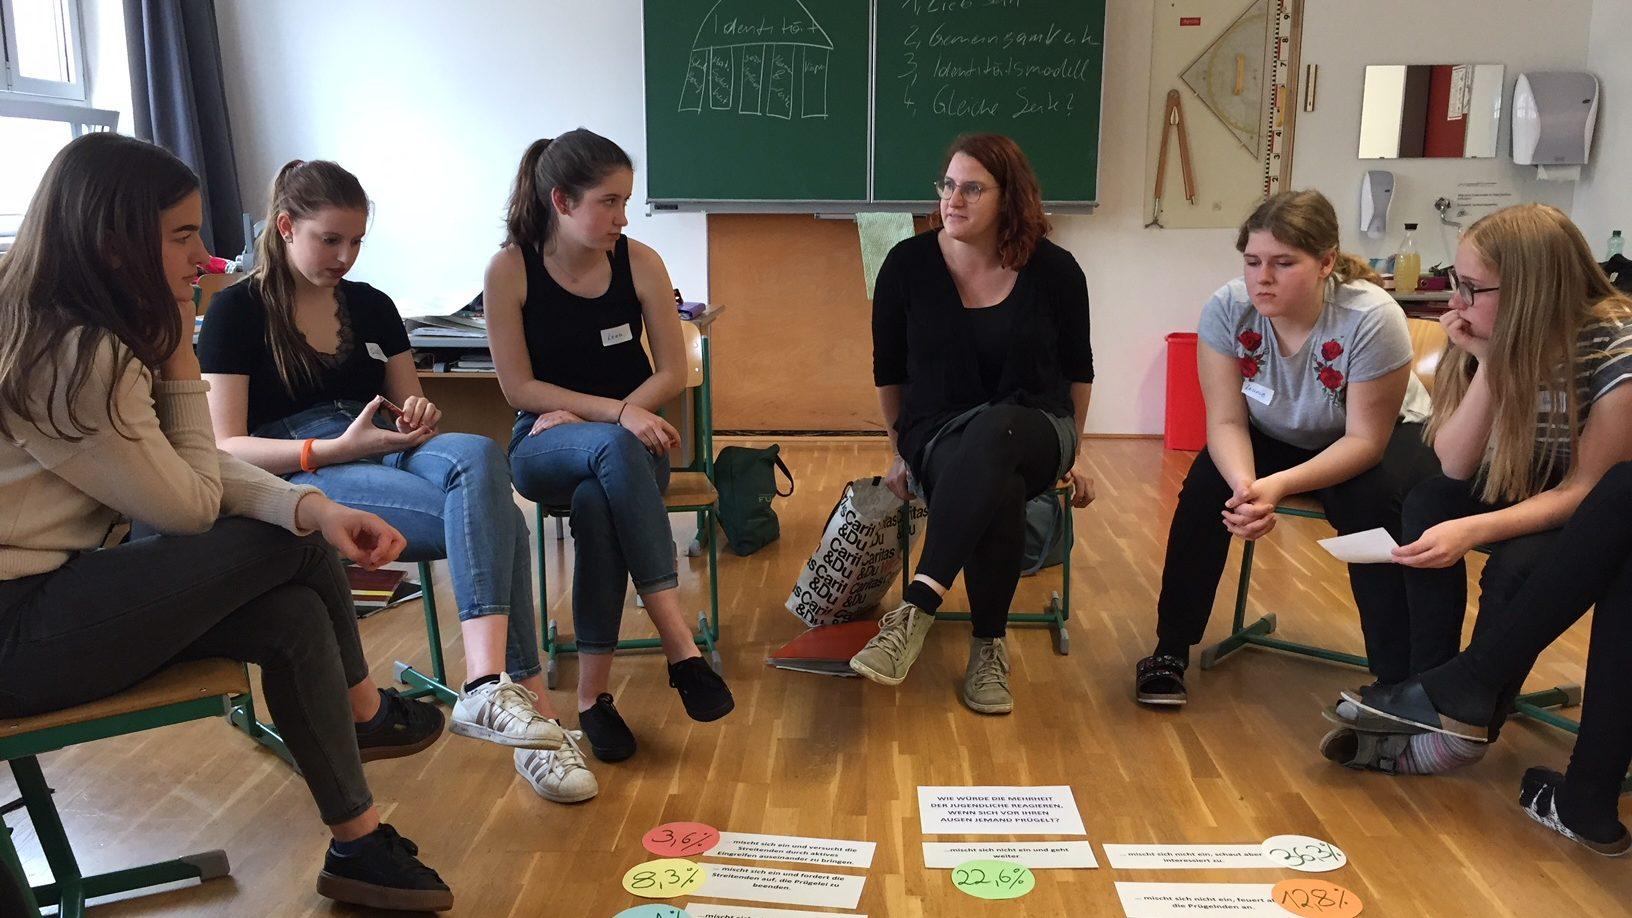 youngCaritas Referentin Evelyn führt einen Workshop in der Bafep zum Thema